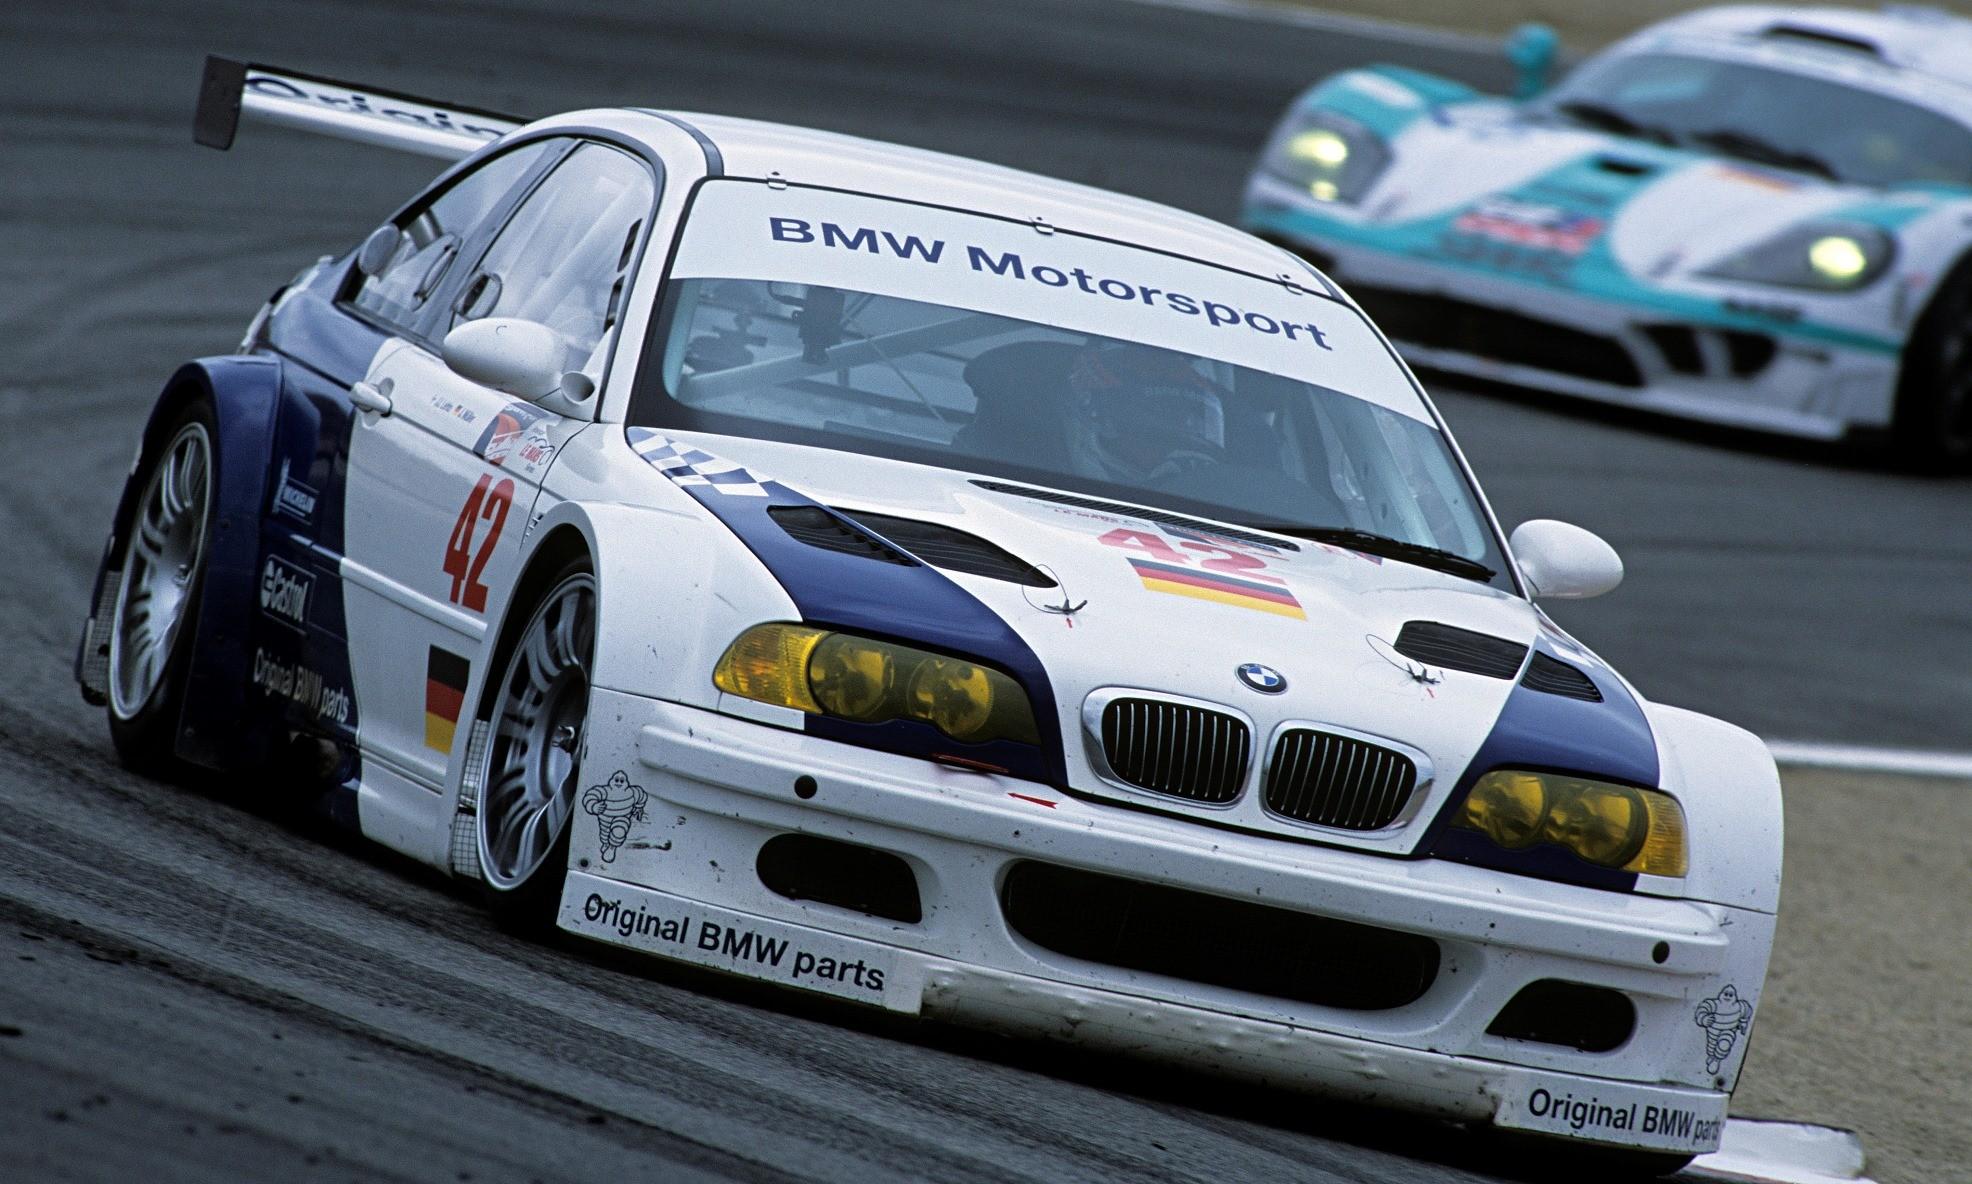 BMW M3 GTR racecar